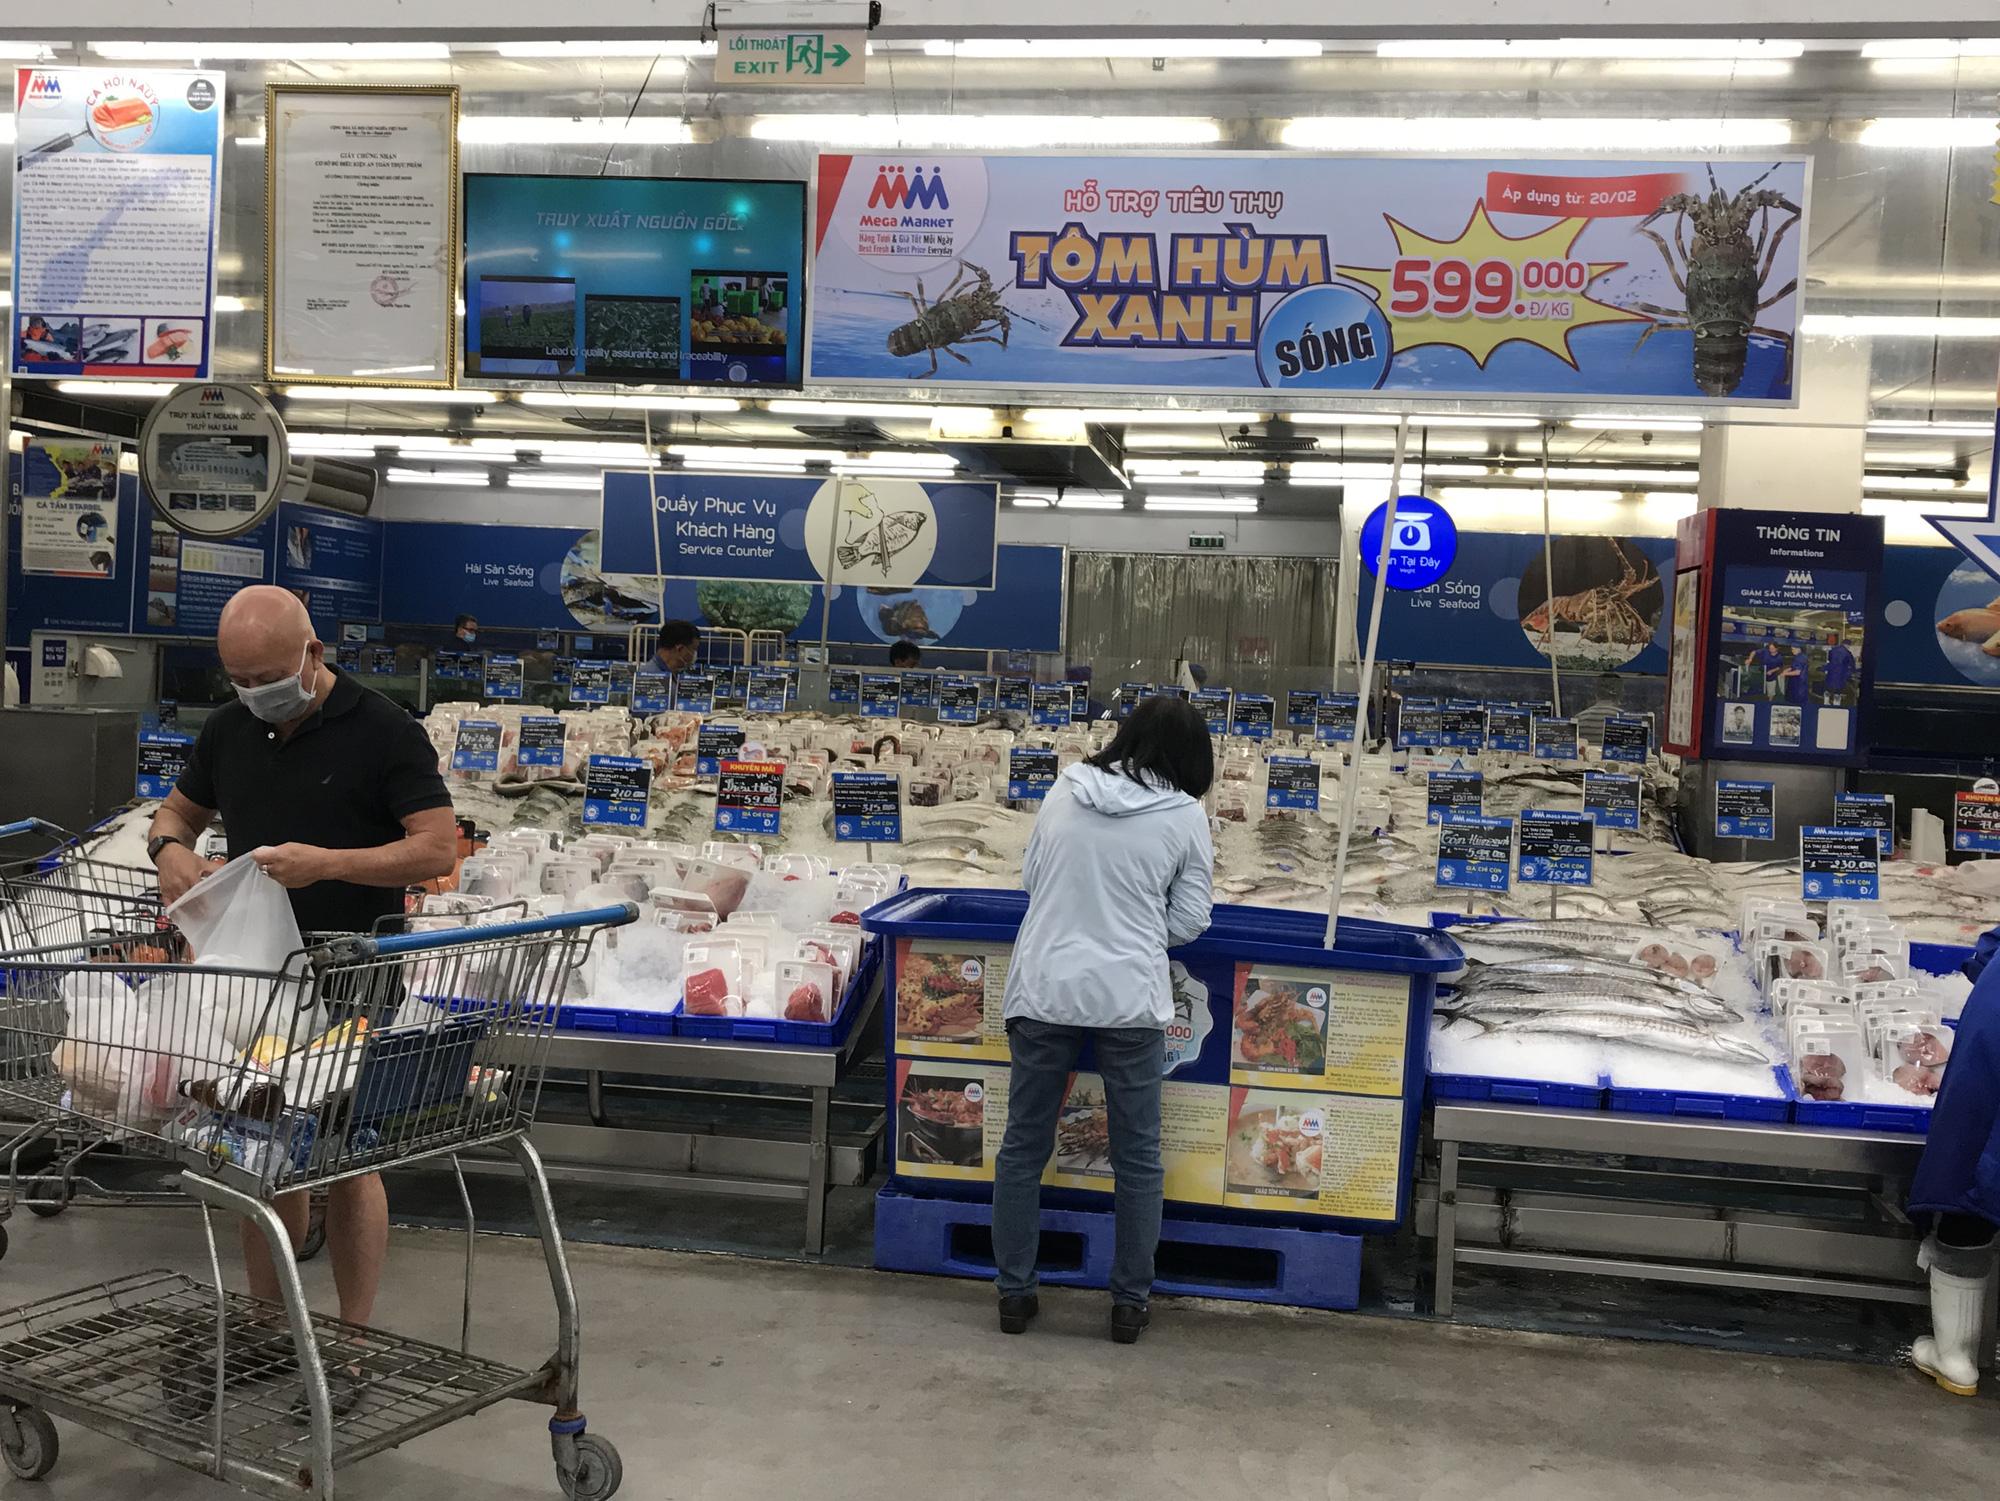 Cận cảnh giải cứu tôm hùm ở Sài Gòn, mới 9h sáng đã hết sạch, có siêu thị chế biến miễn phí cho khách ngay tại chỗ - Ảnh 1.